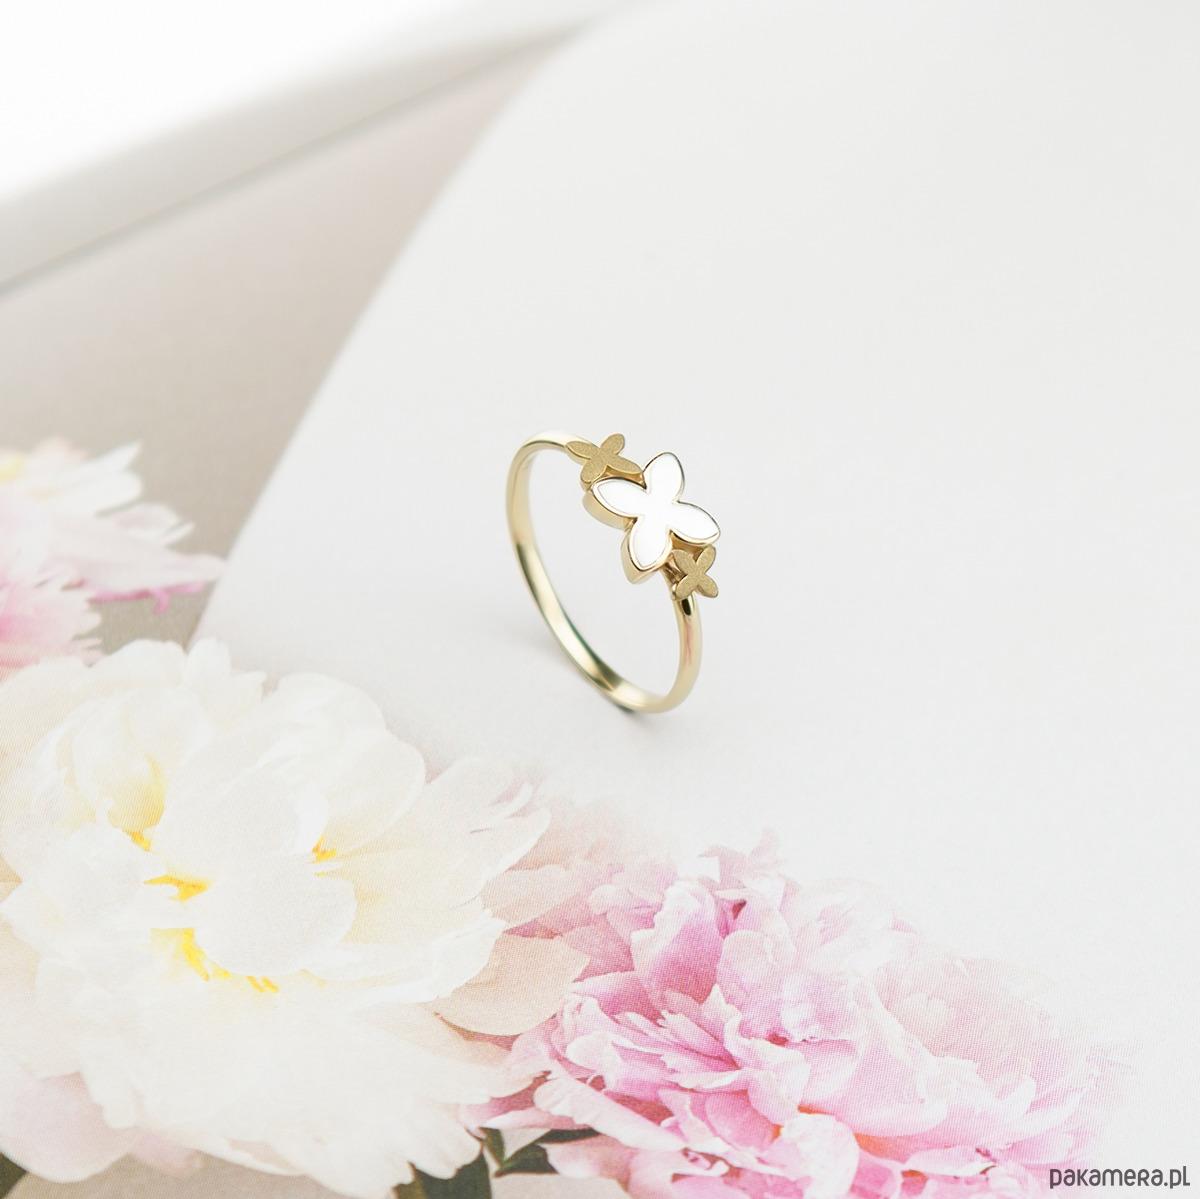 7d7e33edfee26f Biżuteria - pierścionki - złote-Kobiecy złoty pierścionek z pawdziwą  perłową ...